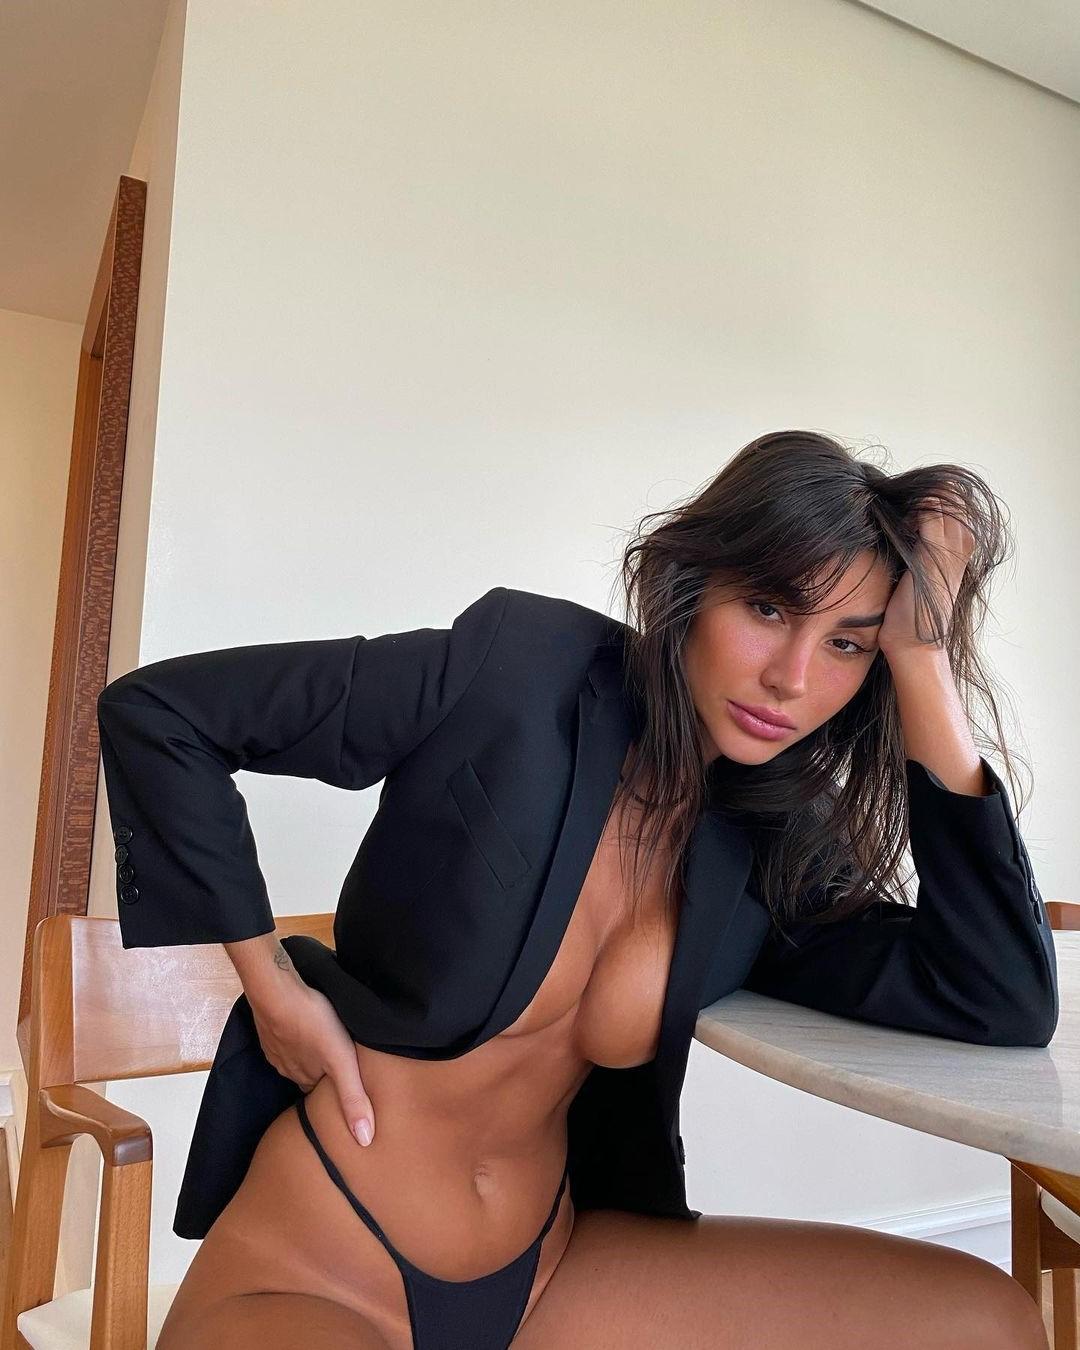 Adriana, 31 photo1